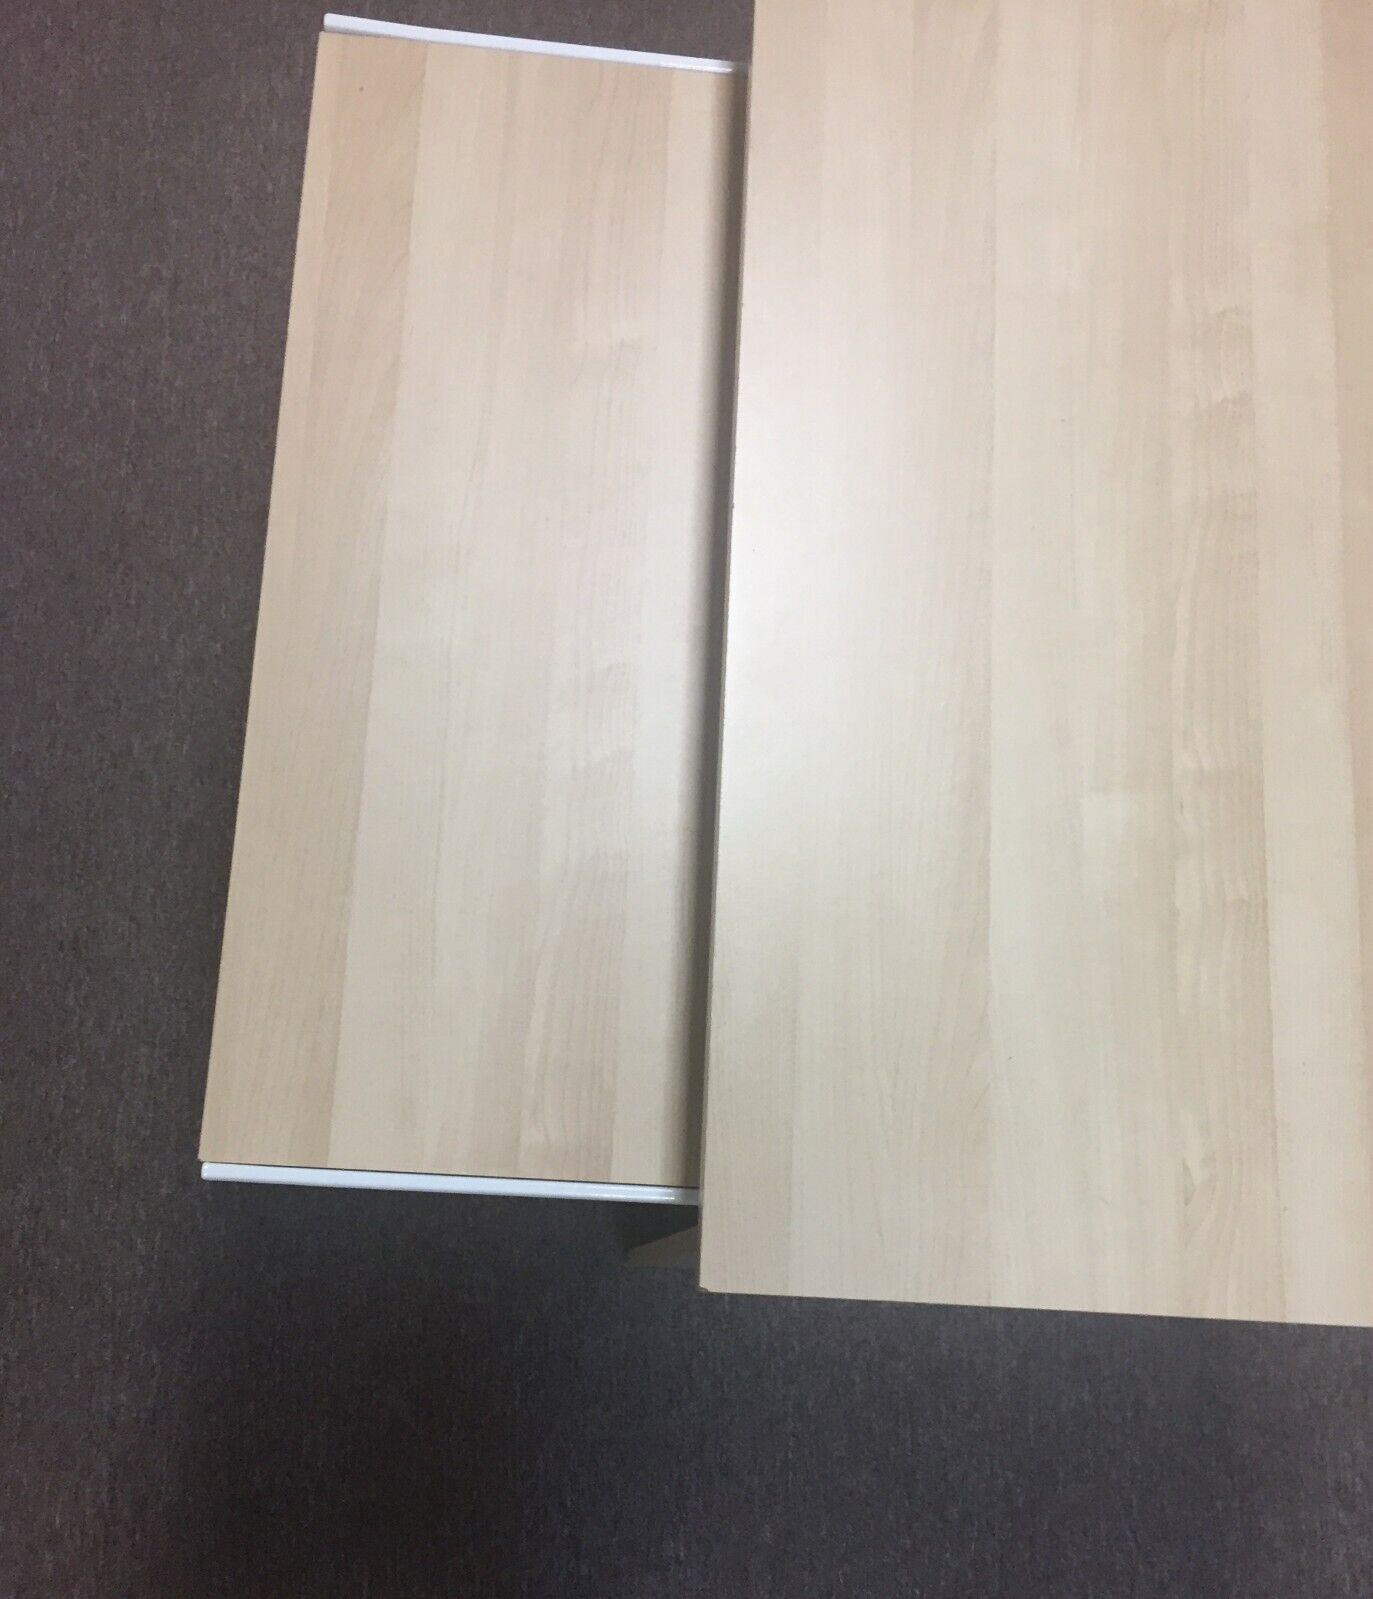 Ikea Linnmon Table Desk Top Geometric Pattern Beige 47